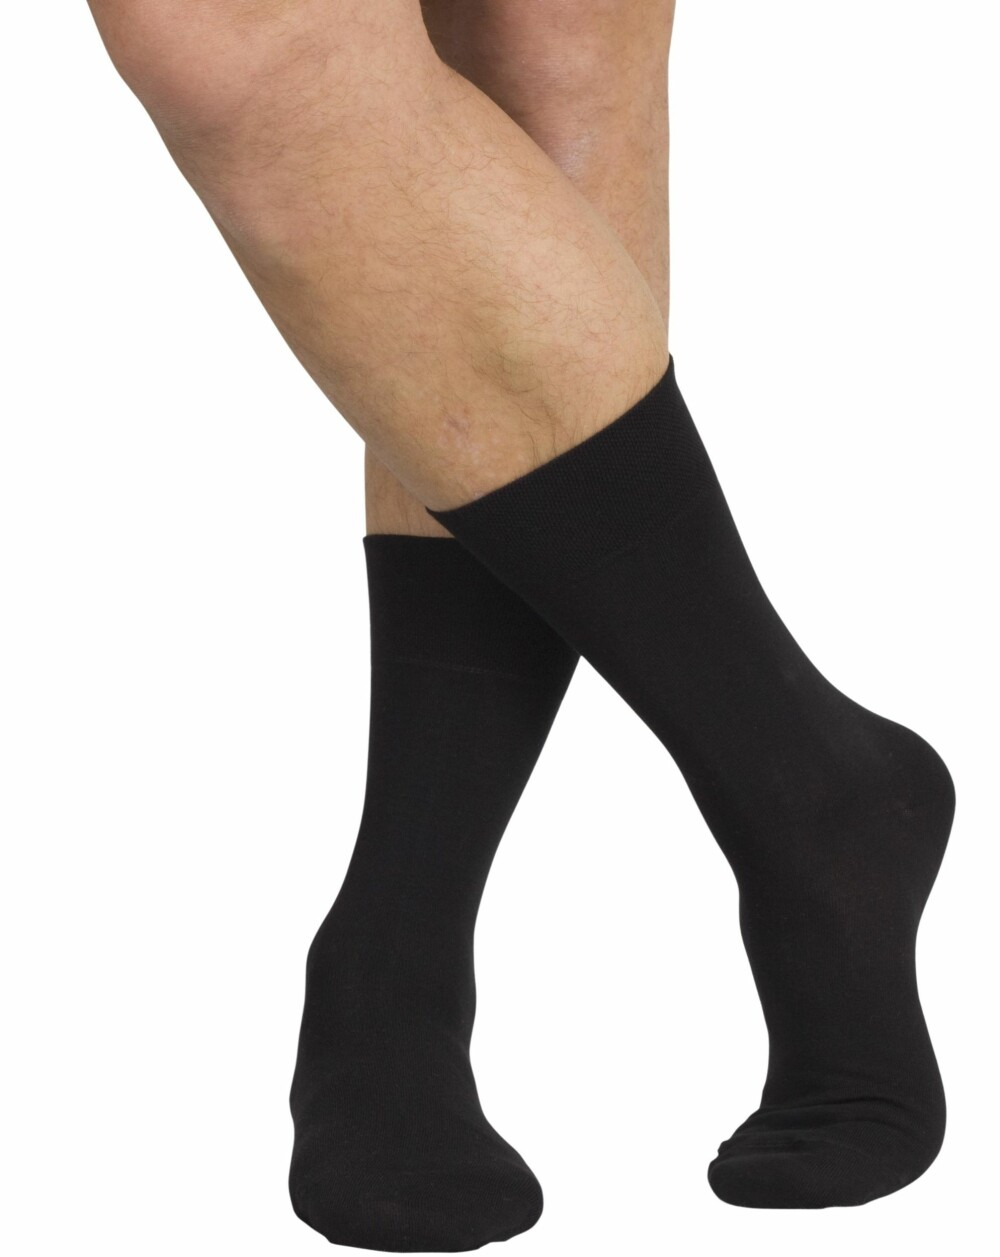 PERFEKT LENGDE: Sokker som dekker hårete legger er den perfekte lengden, ifølge ekspertene.